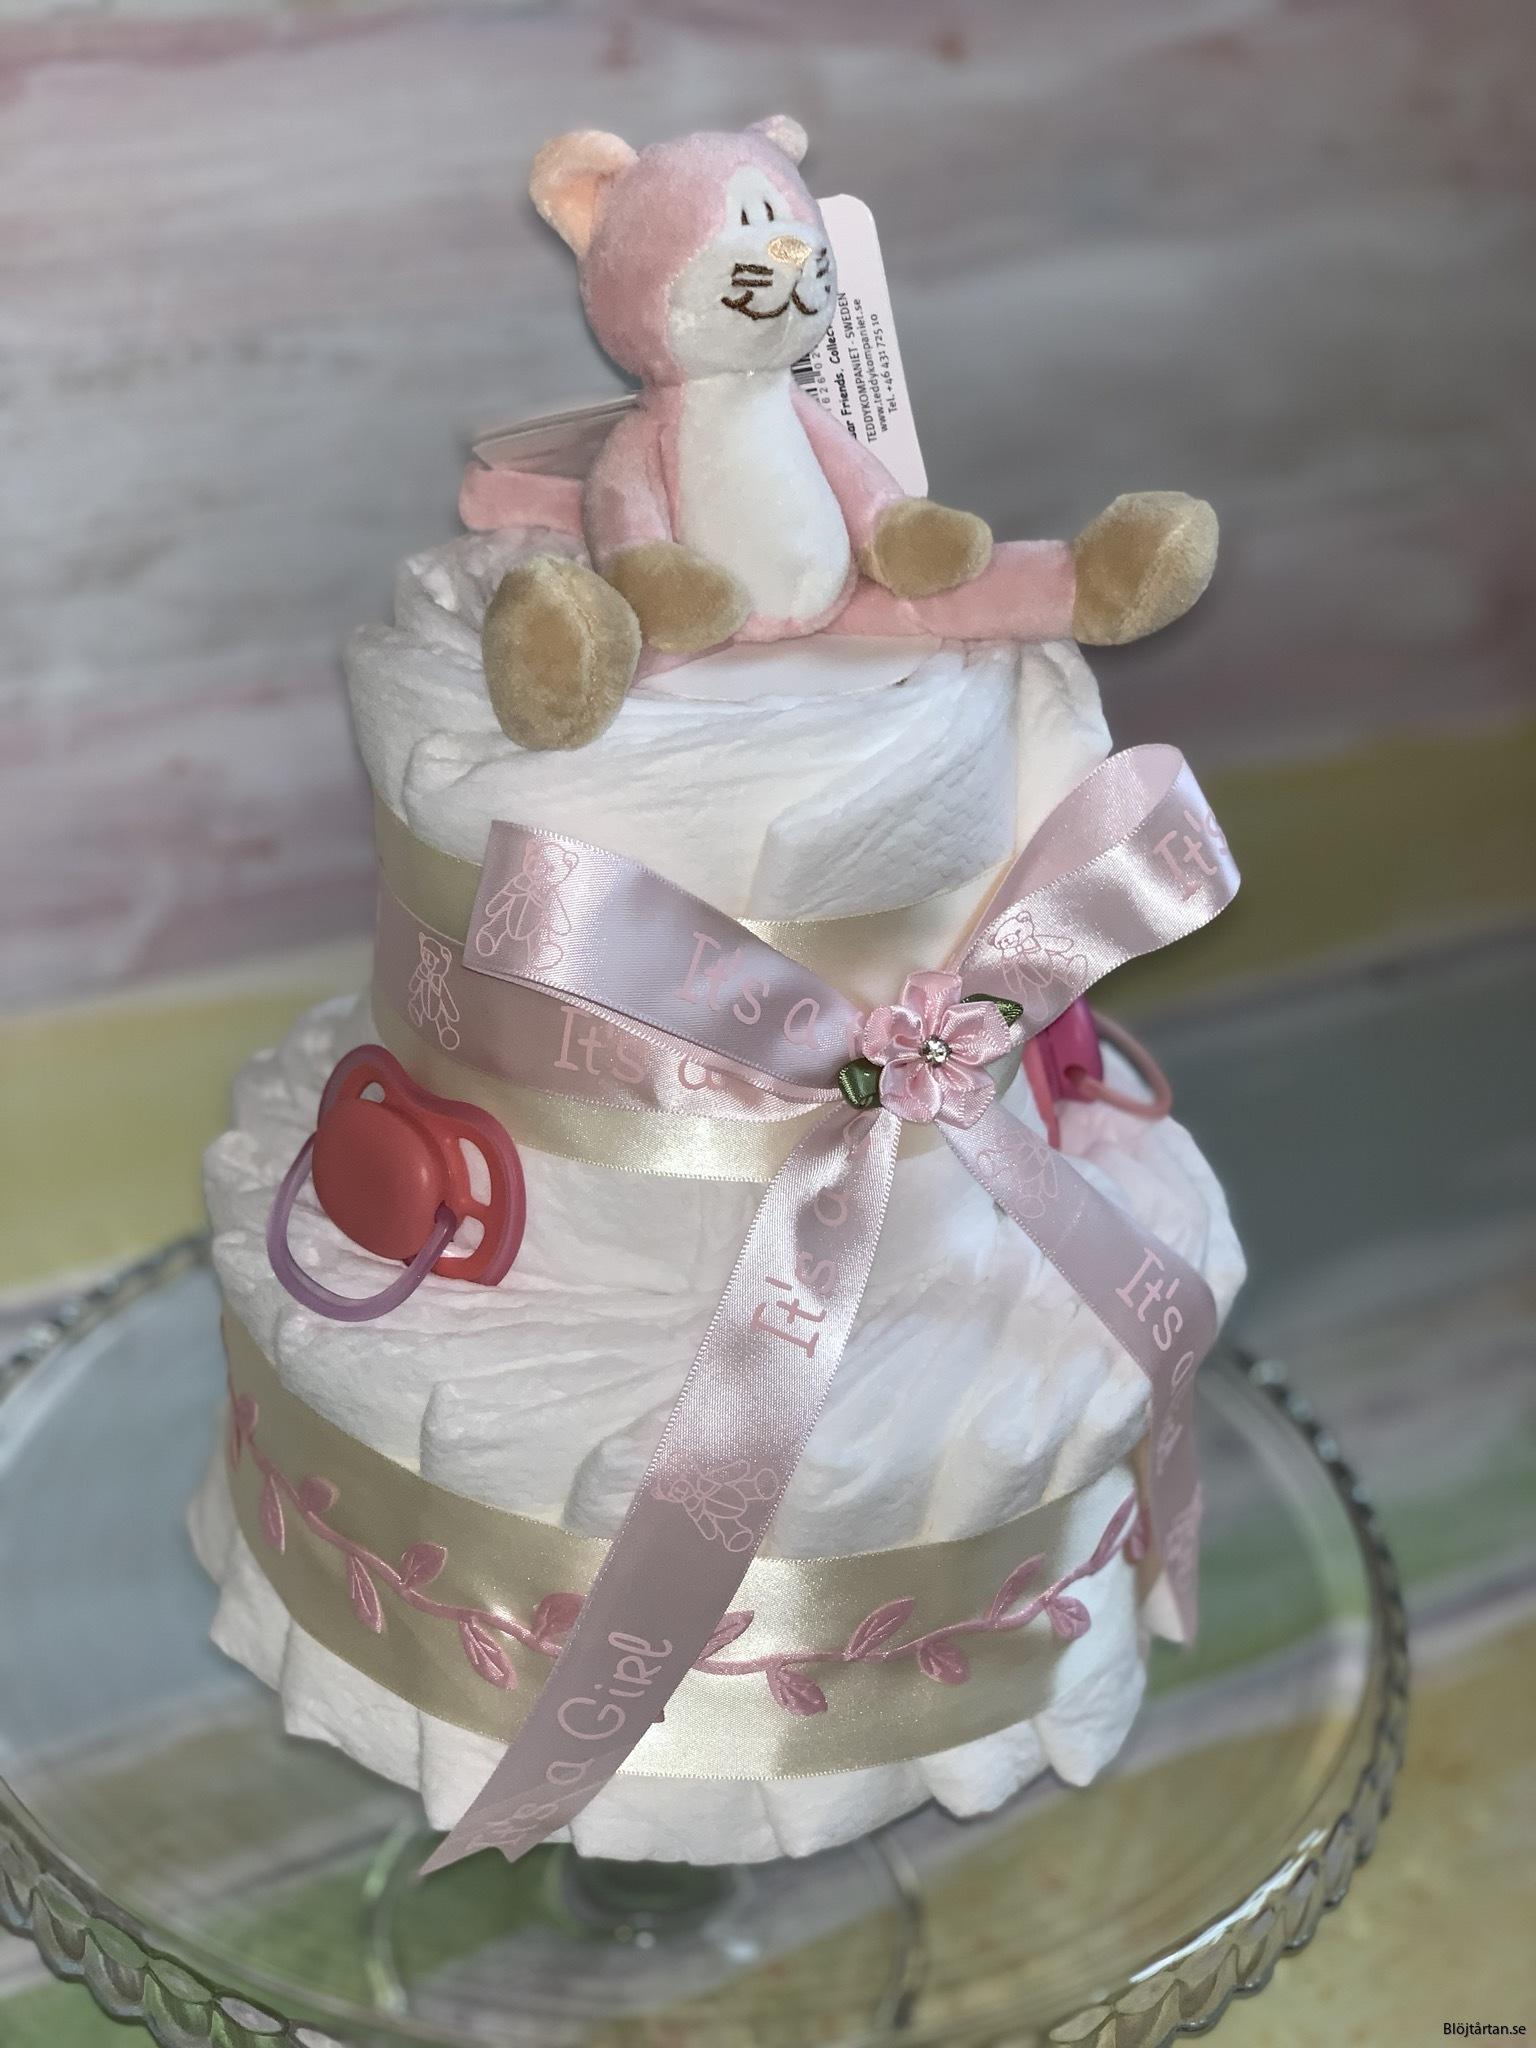 Liten rosa tvåvåningstårta, mjau!